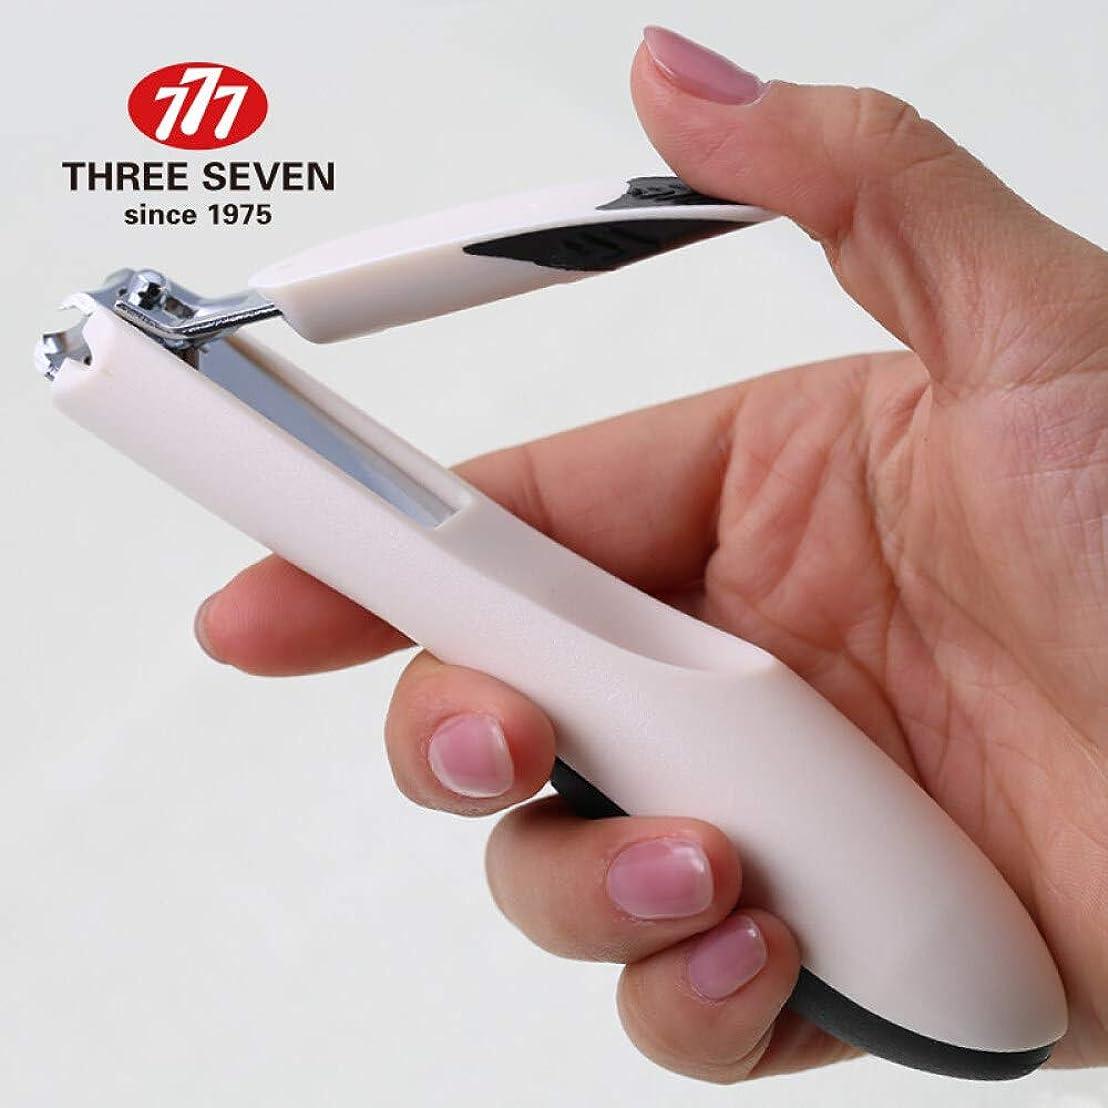 小競り合い電話に出る出くわす777(THREE SEVEN)ネイルクリッパー特大のネイルクリッパーネイルクリッパーハンドおよびネイルクリッパーは、幅広のペディキュアツールを厚いアーマーネイル型マニキュアN-221VSBの形でカットします(インポート)